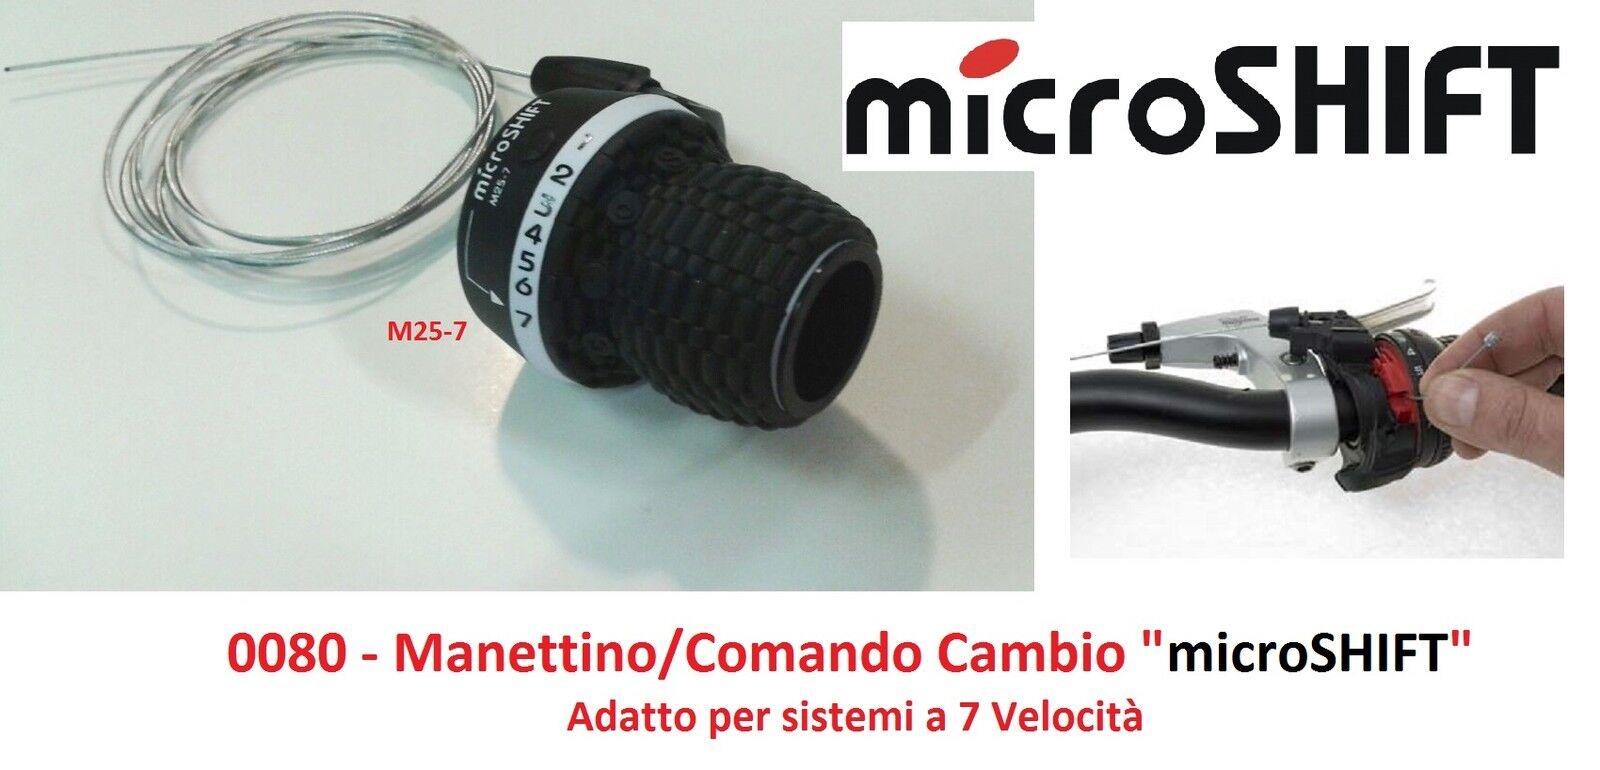 Comando Cambio Destro 7V MS25 Compatibile Shimano Microshift Bicicletta Grip